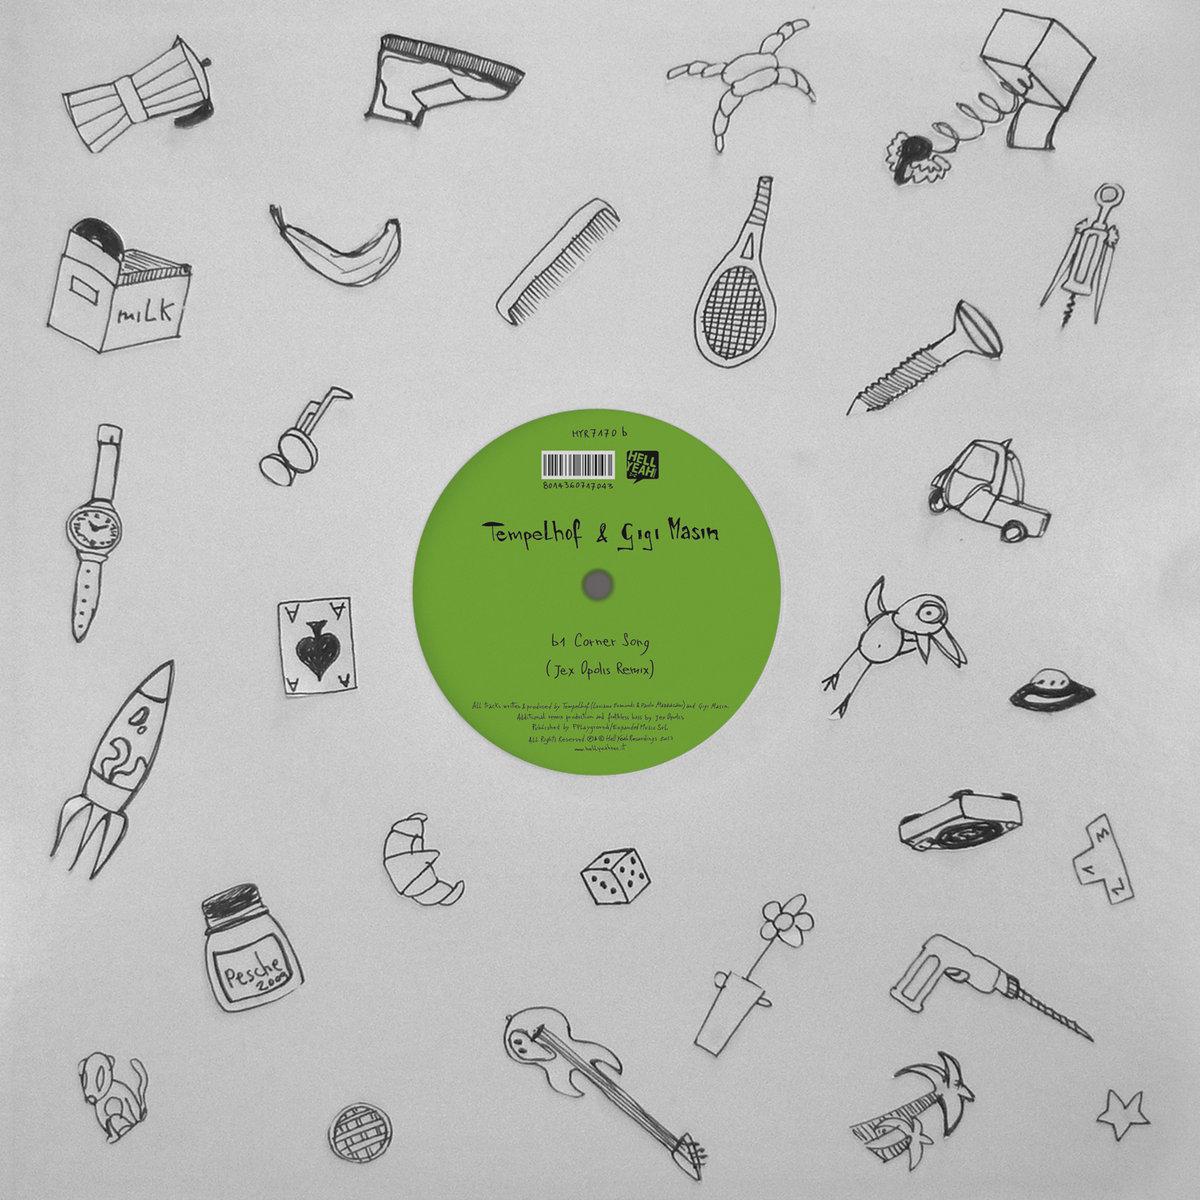 Download full album: kizz daniel – no bad songz (nbs) [album download].